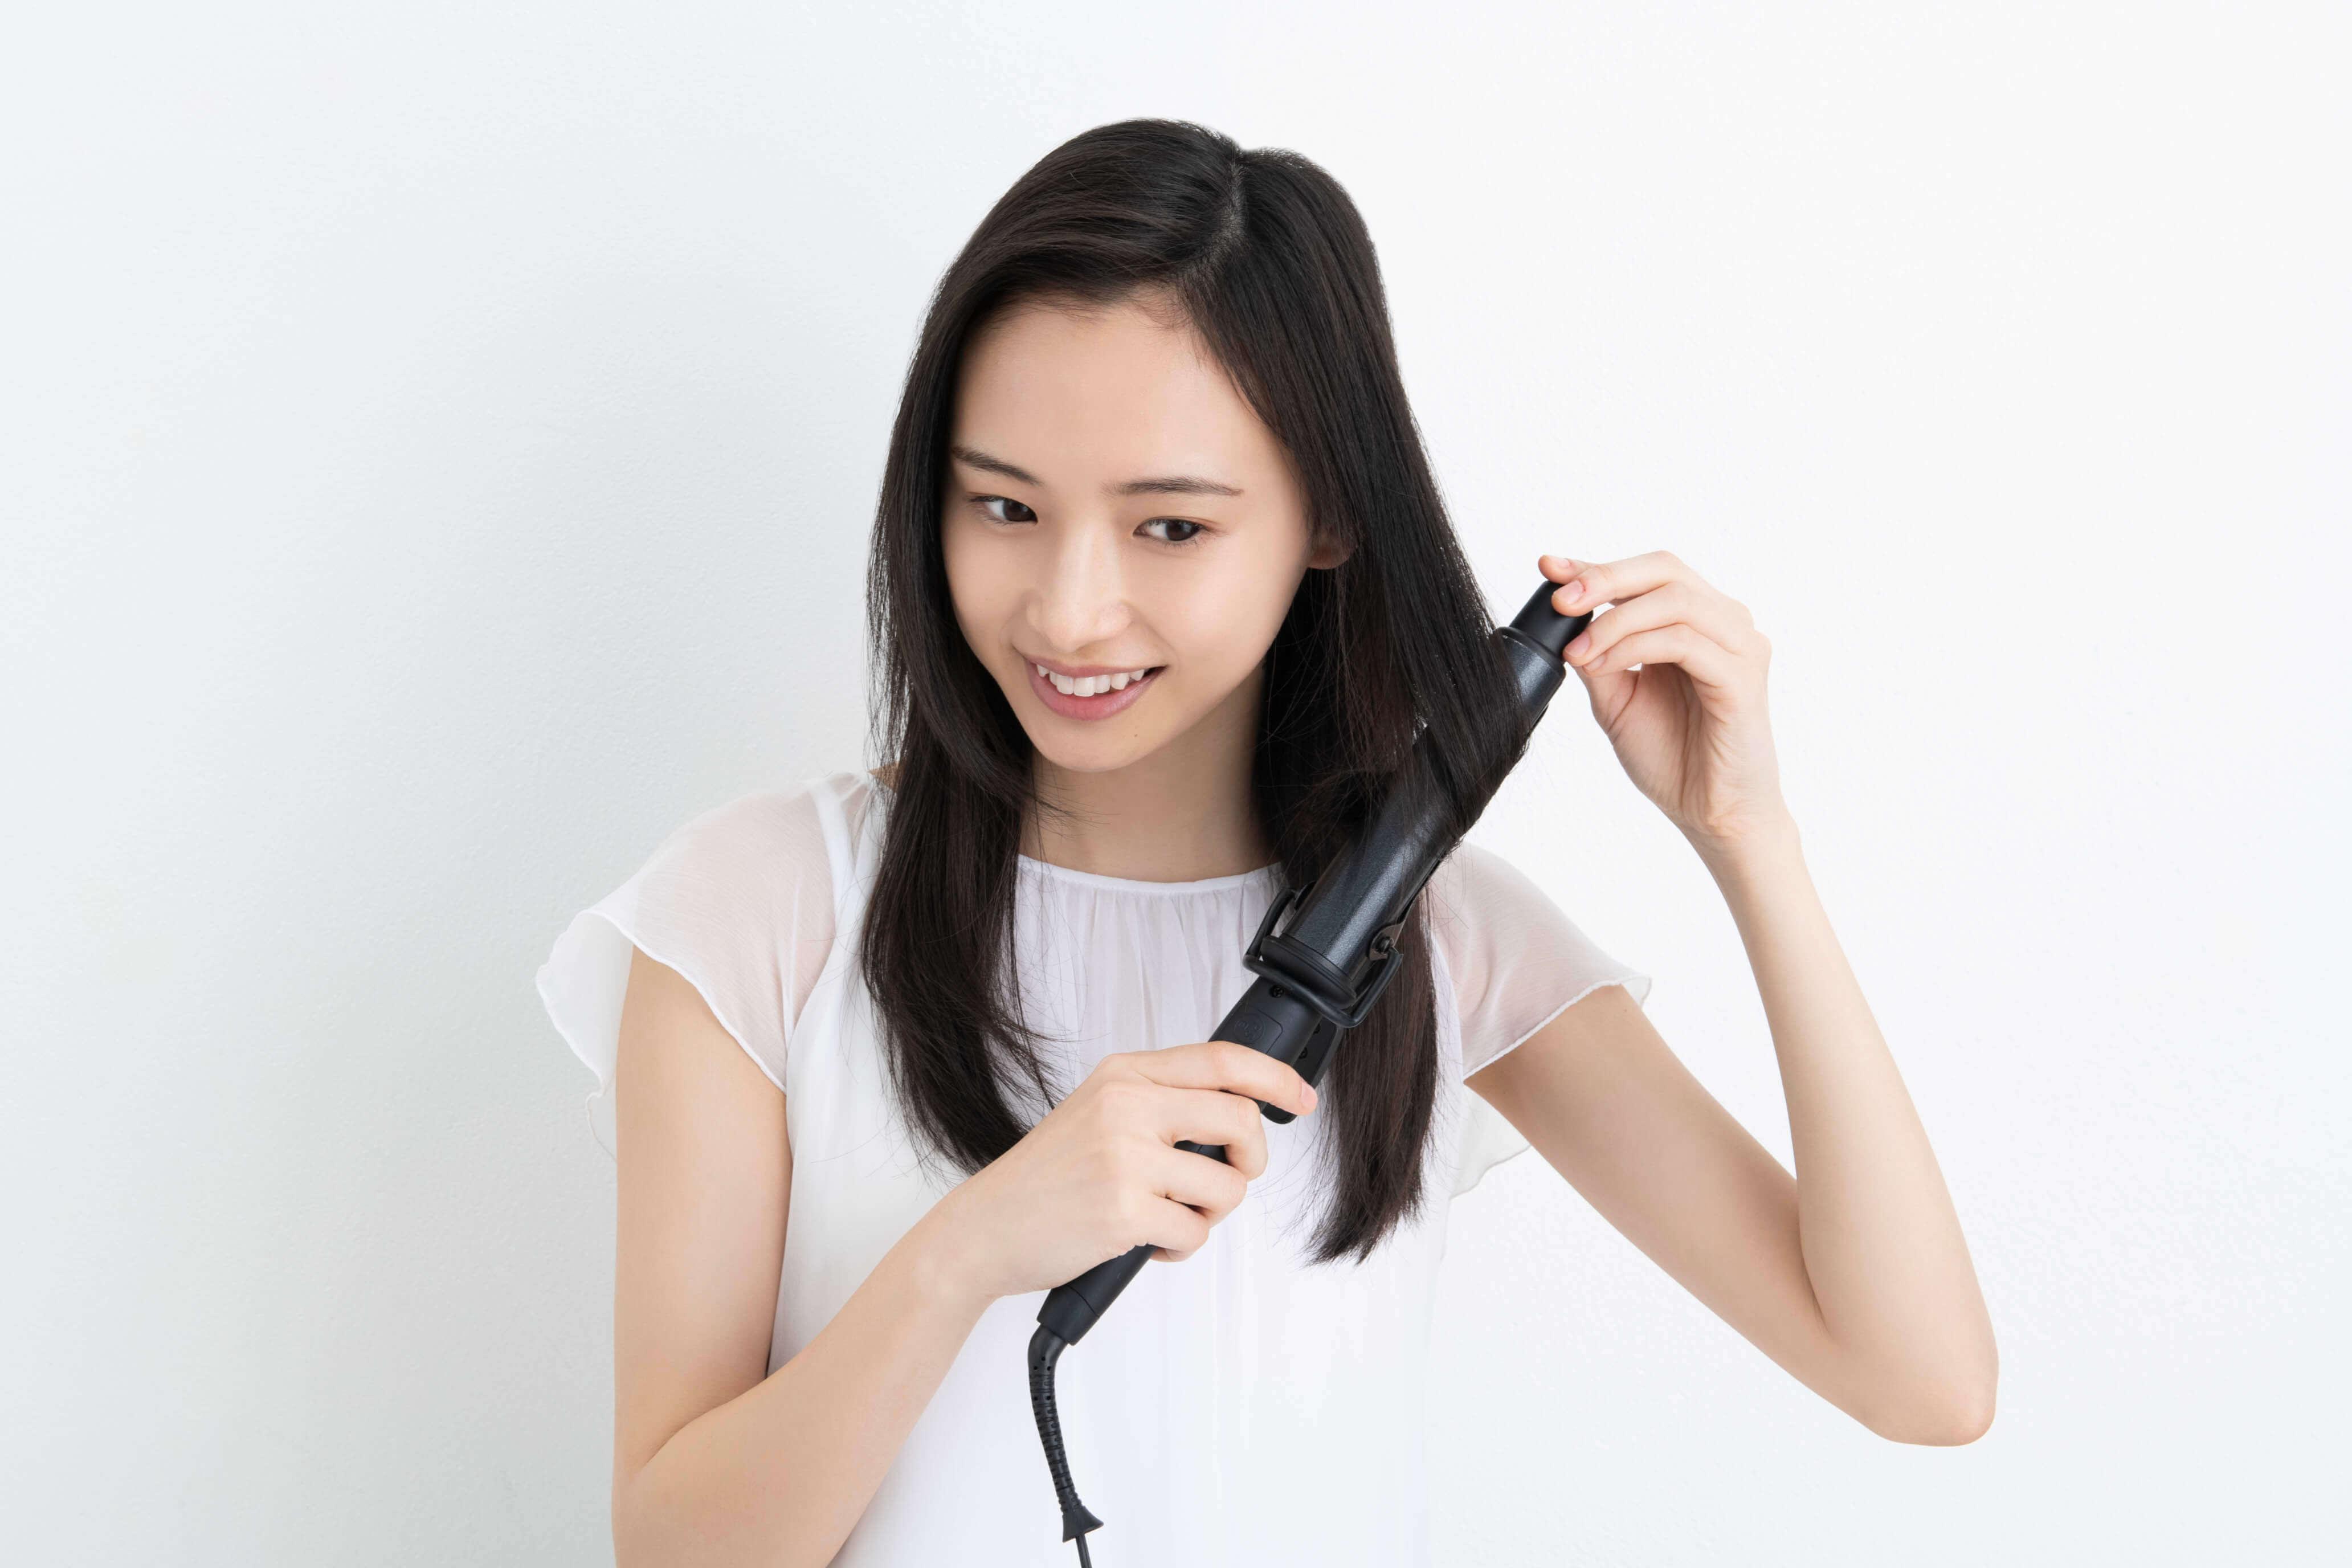 愛用者1,000名以上の声をもとにリニューアル!! ヘアアイロンの熱で傷んだ髪に。補修成分入り サラサラヘアオイル !!に関する画像19